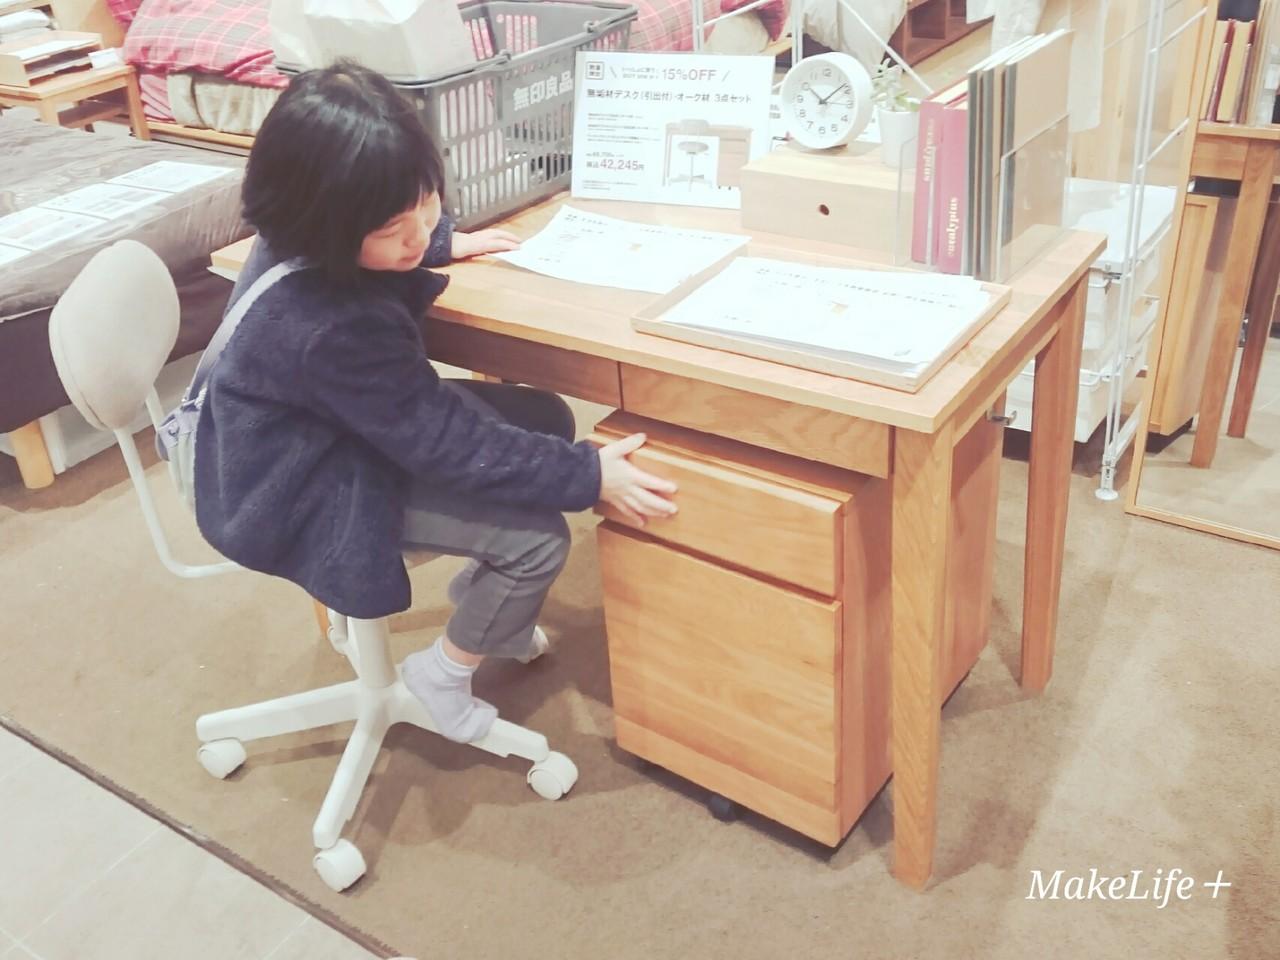 【シンプル】IKEA&無印良品の学習机のあるインテリア実例【入学準備】